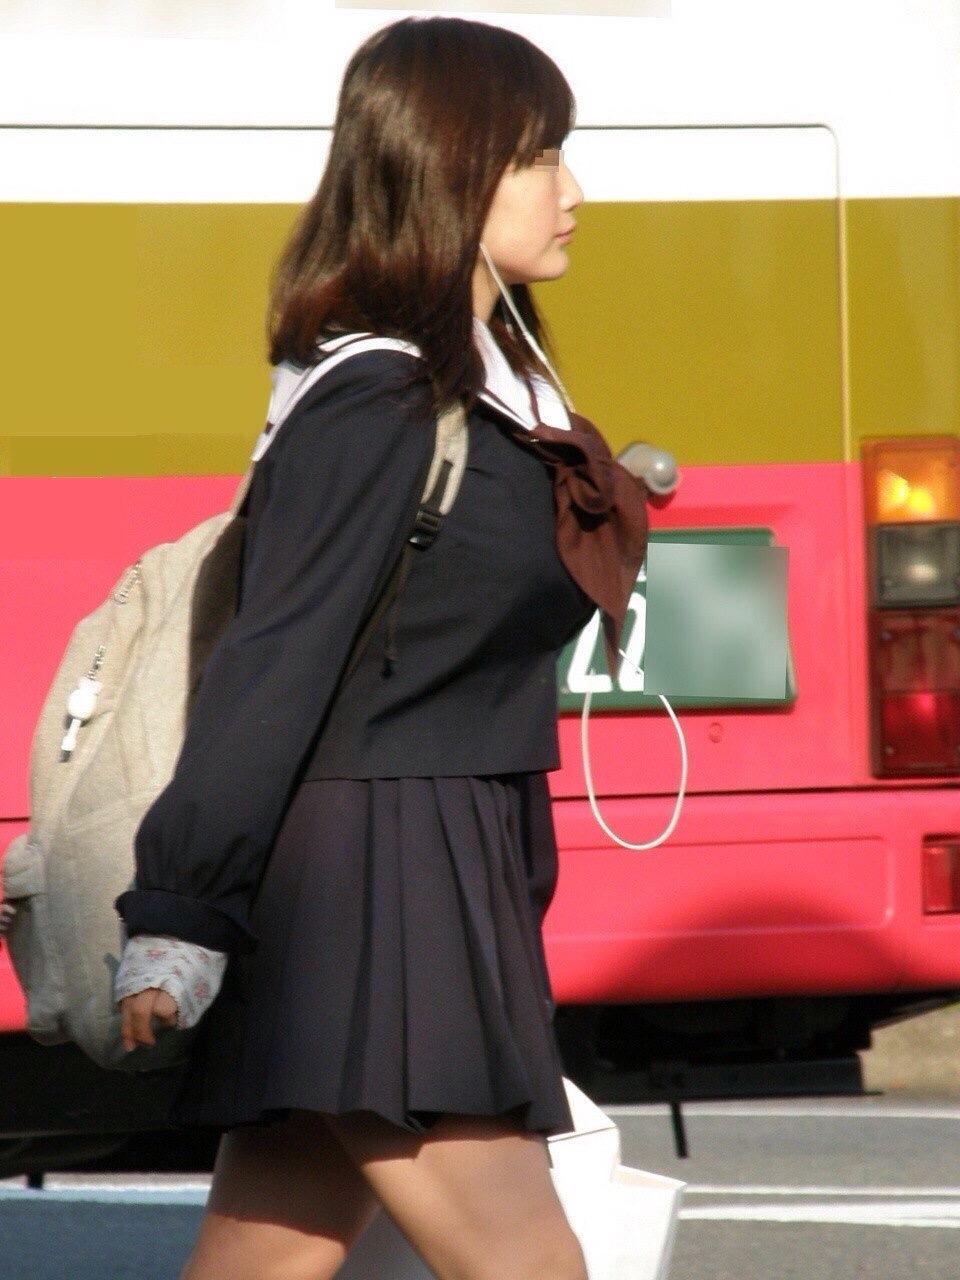 女子高生の制服が姿が好きすぎるので街撮り画像をくださいwwwwwwwwwww 1k2ccle